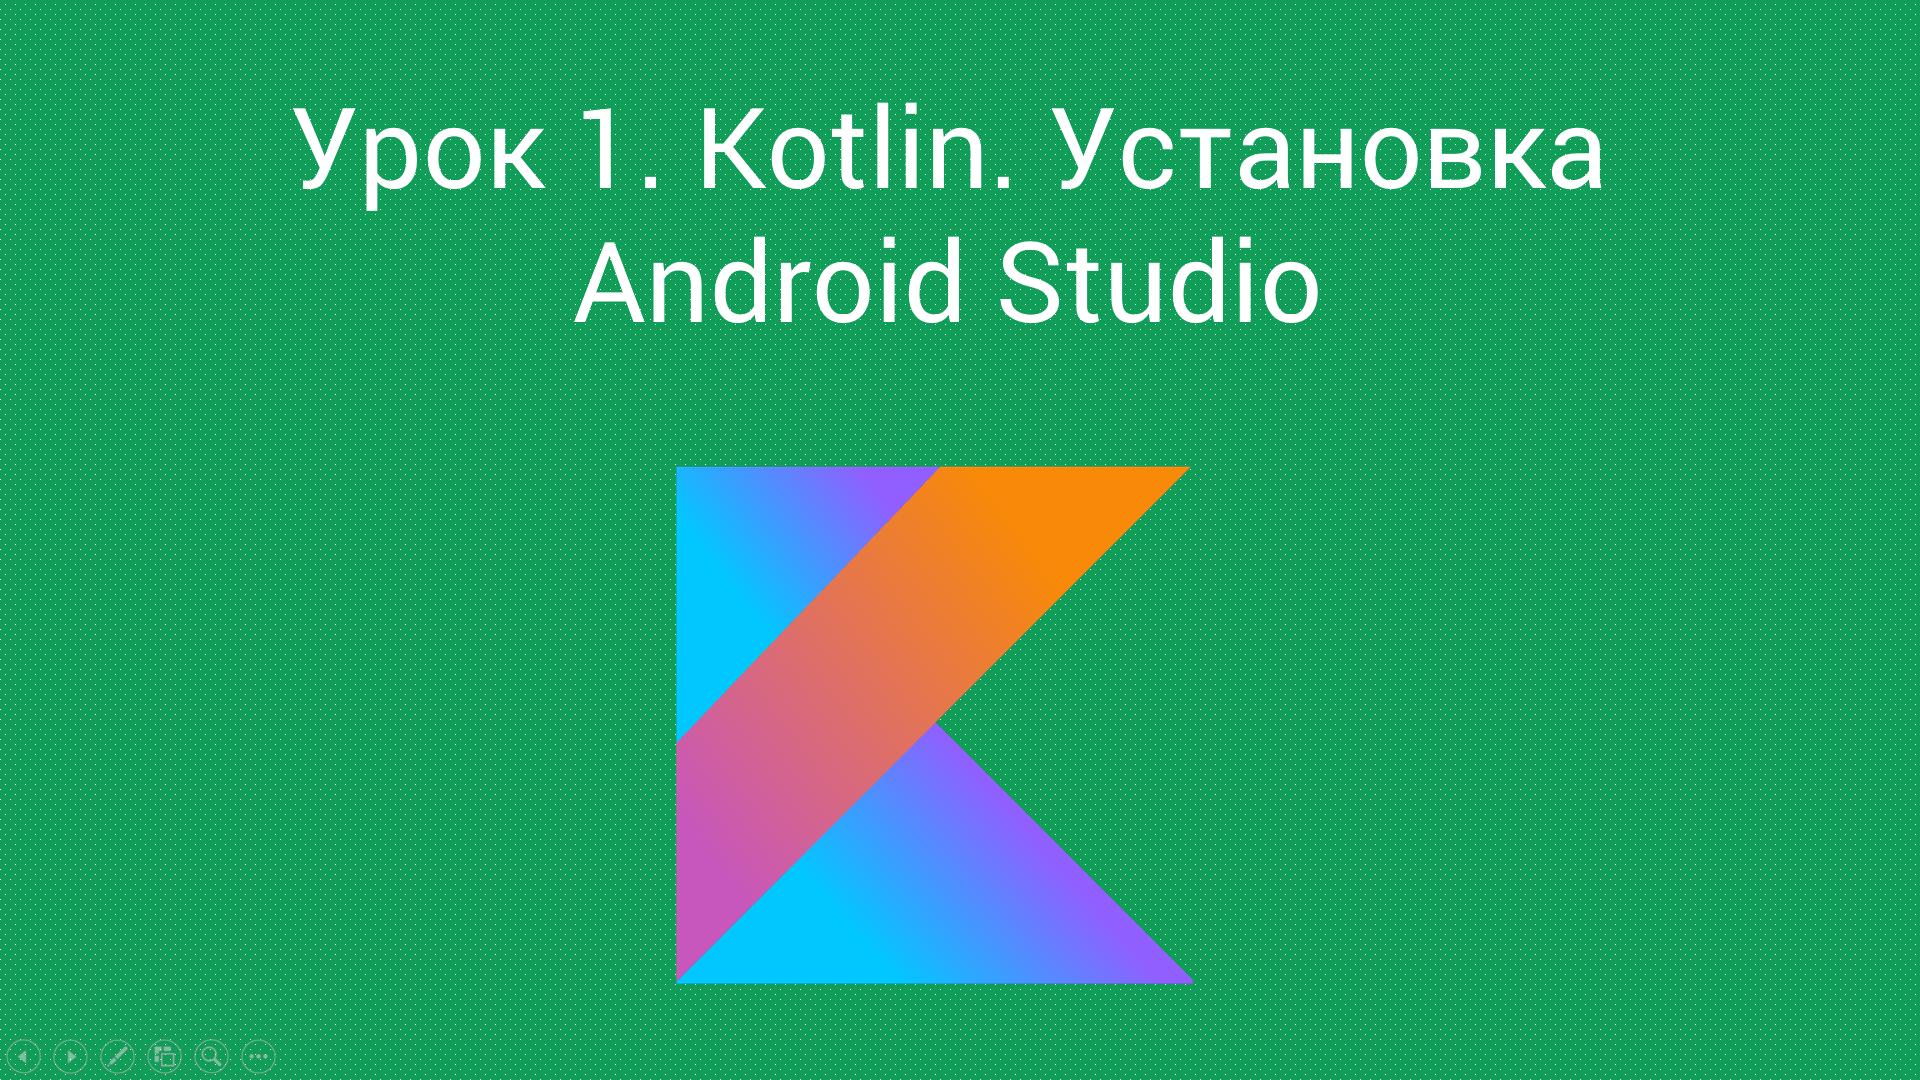 как узнать версию android studio